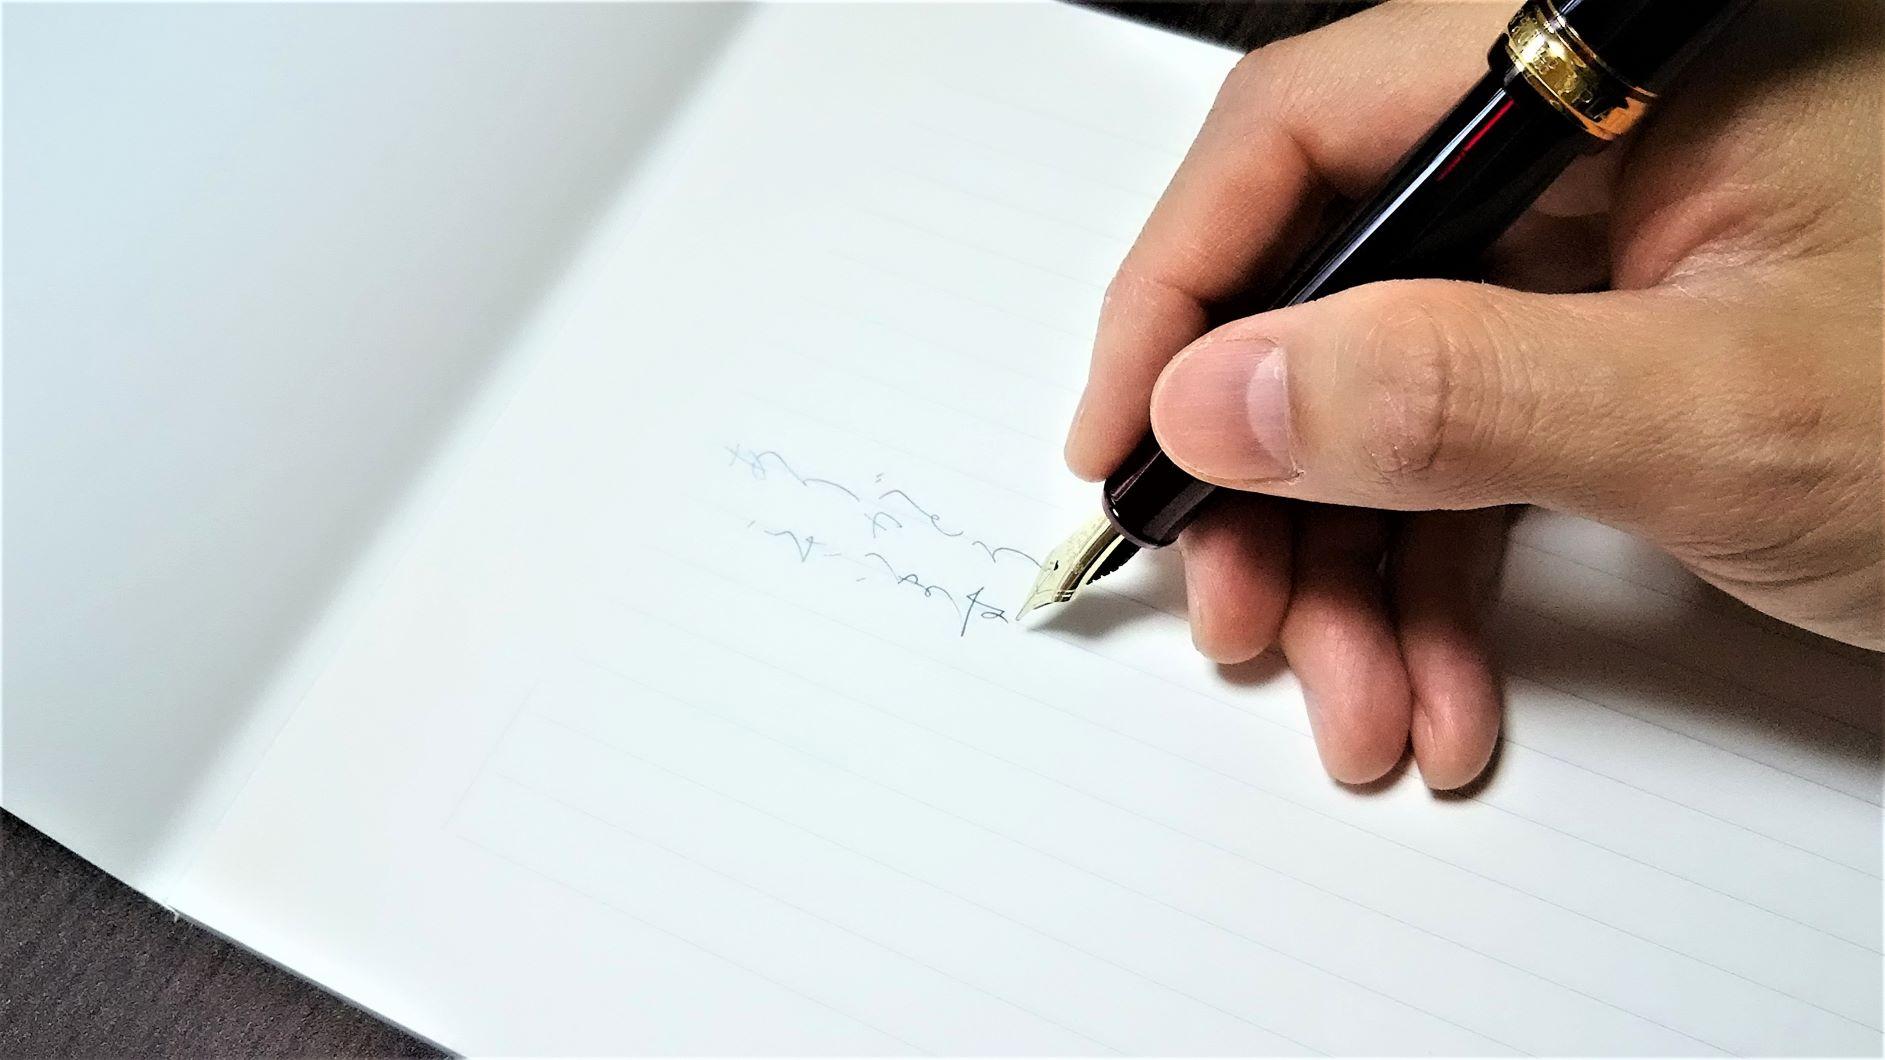 【画像あり】万年筆でペンの持ち方を矯正しよう!